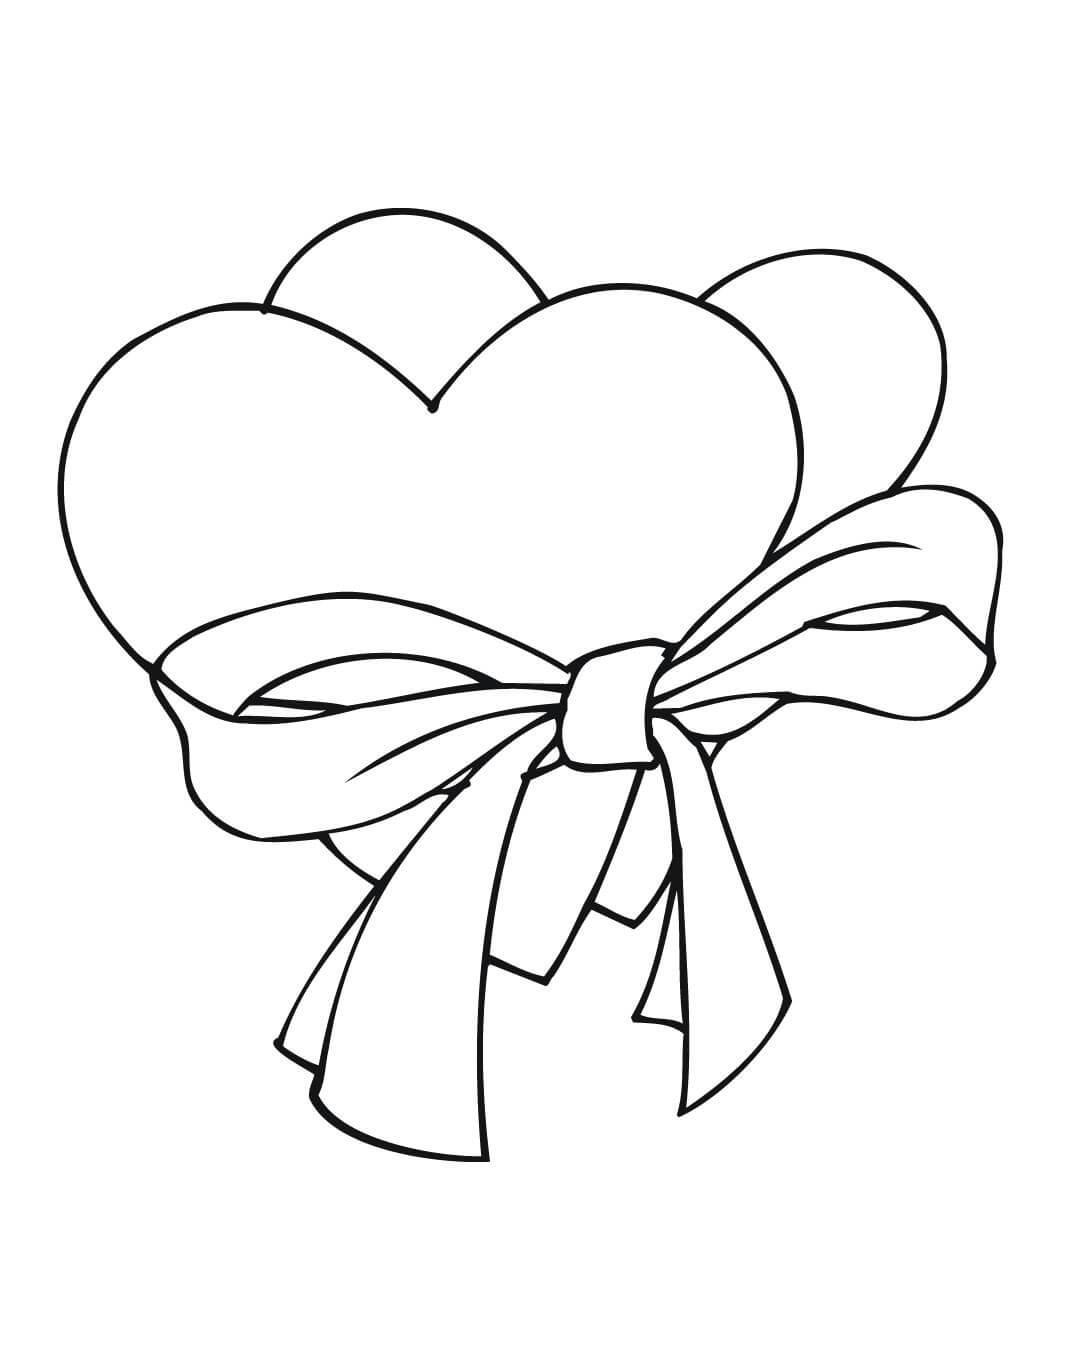 Два сердца с ленточкой Раскраски антистресс бесплатно